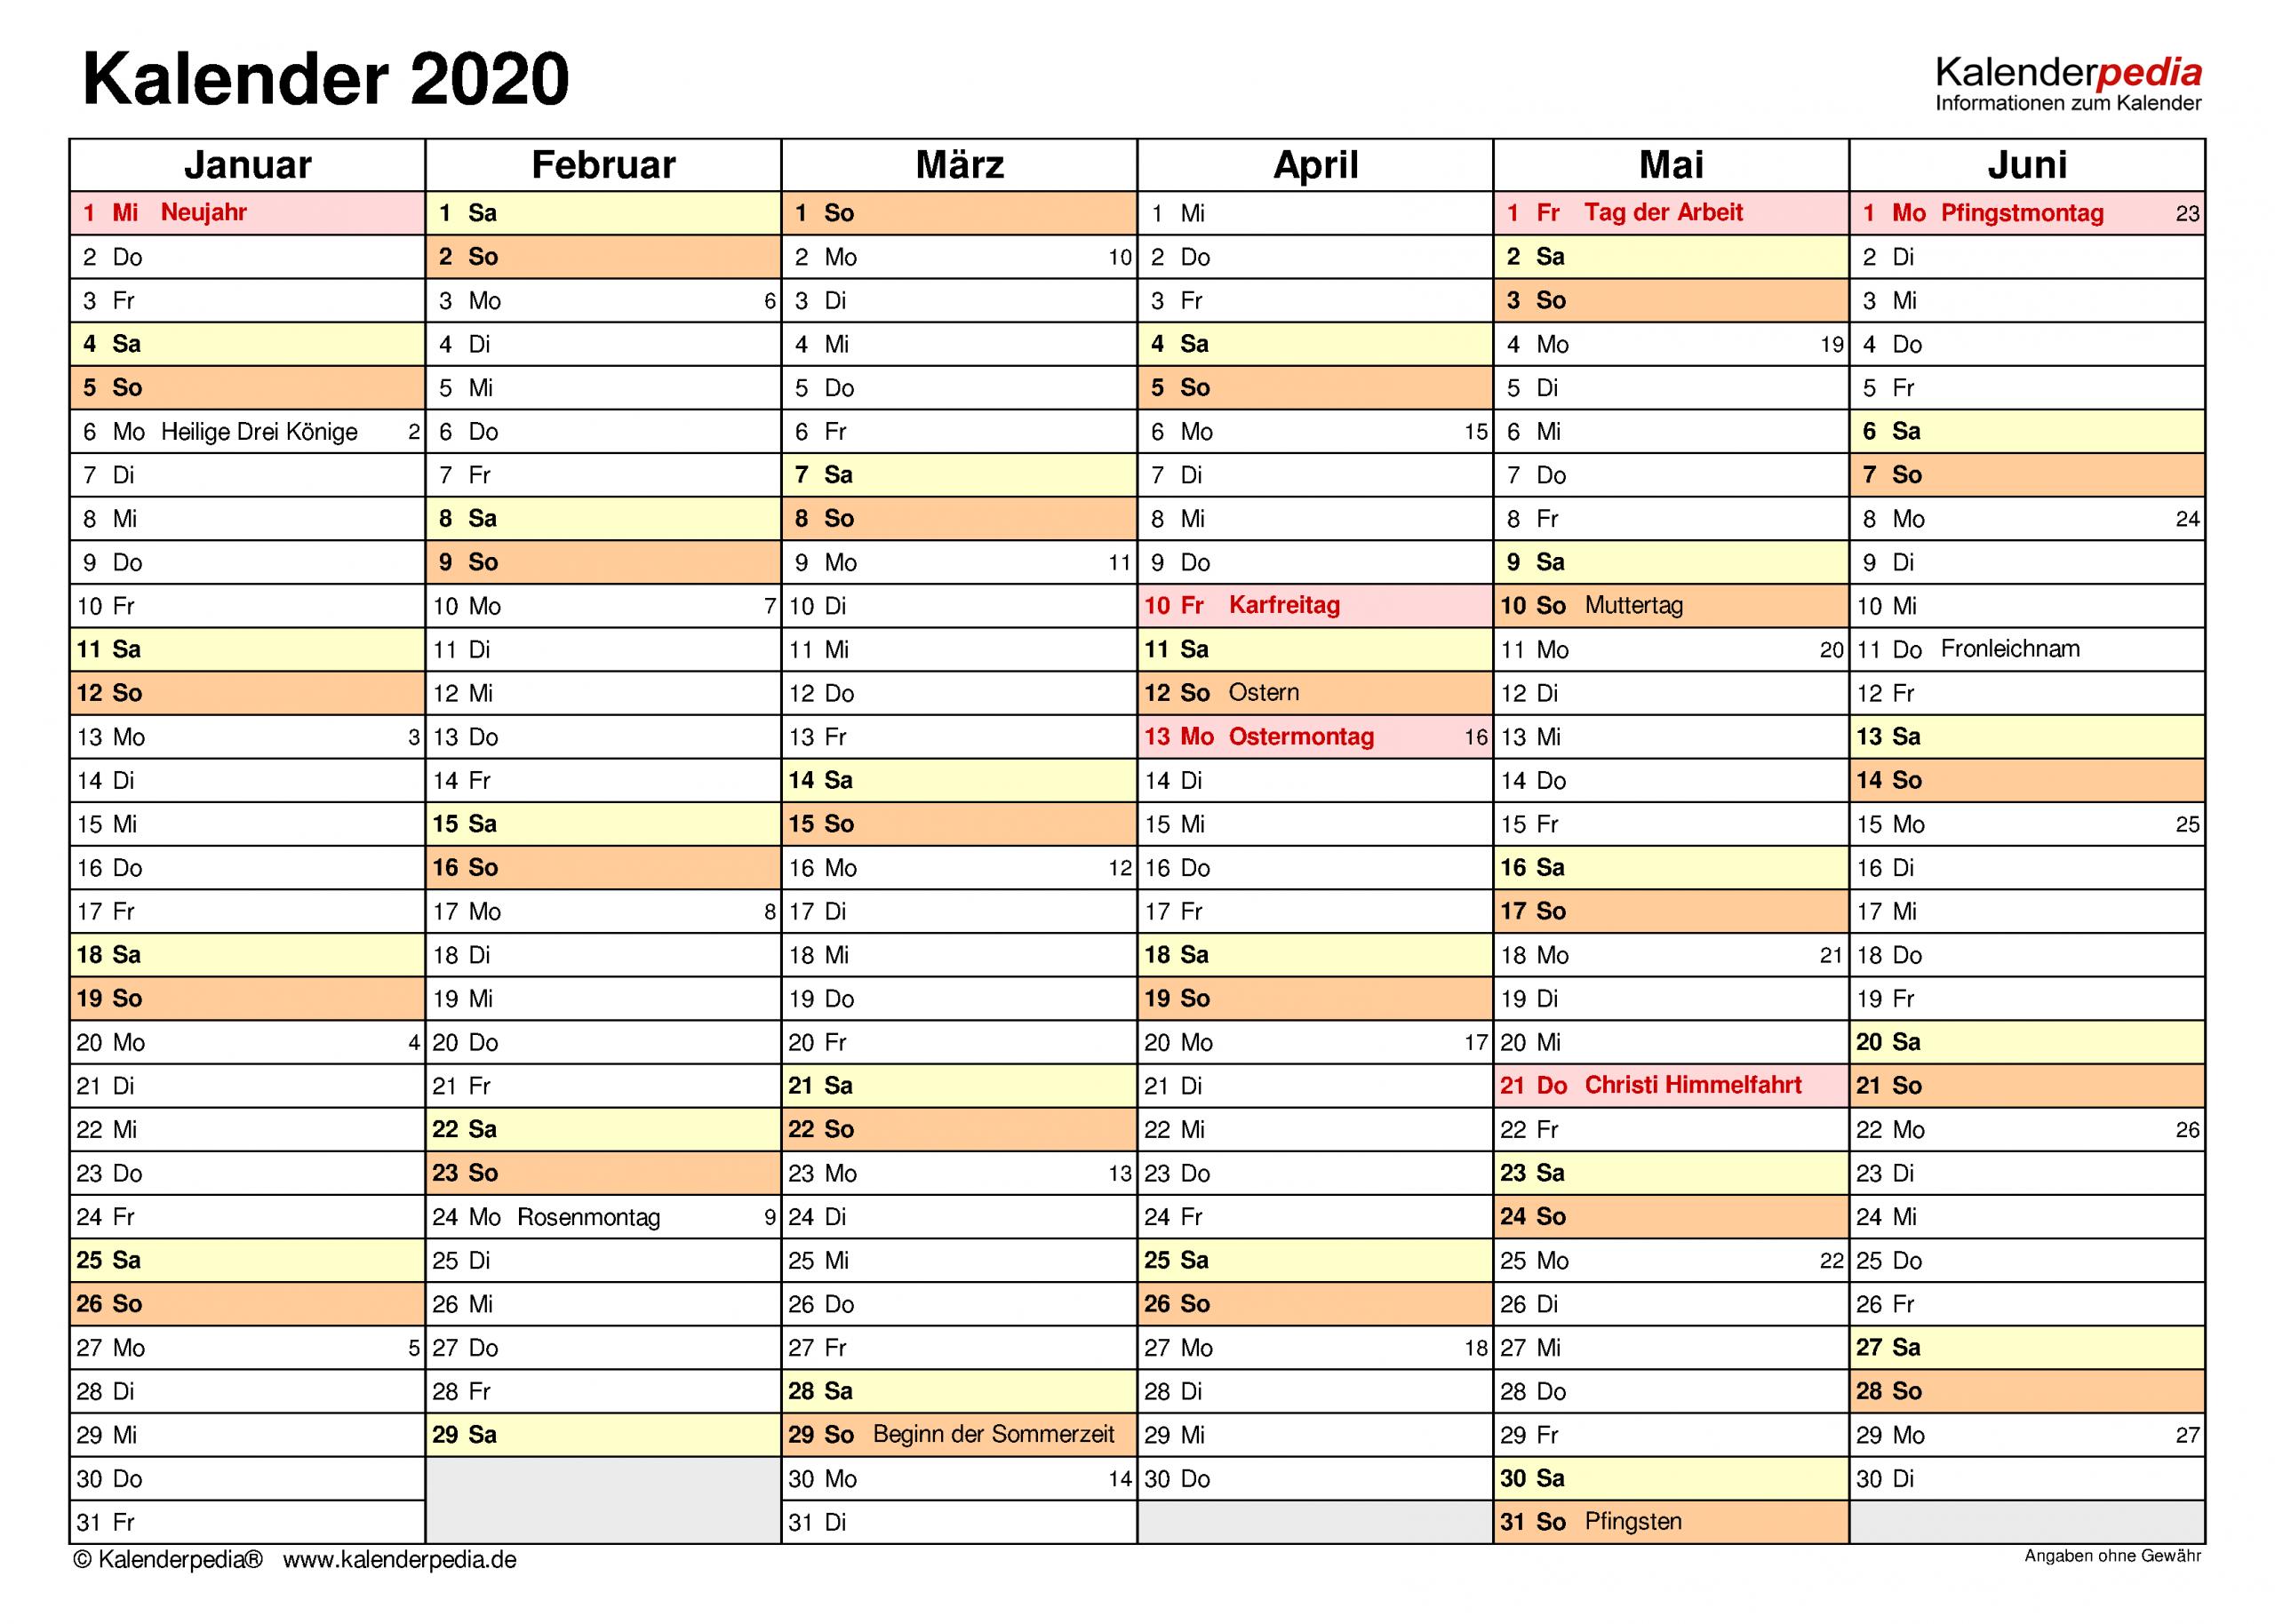 Kalender 2020 Zum Ausdrucken Als Pdf (17 Vorlagen, Kostenlos) innen Kostenlose Kalender Zum Ausdrucken